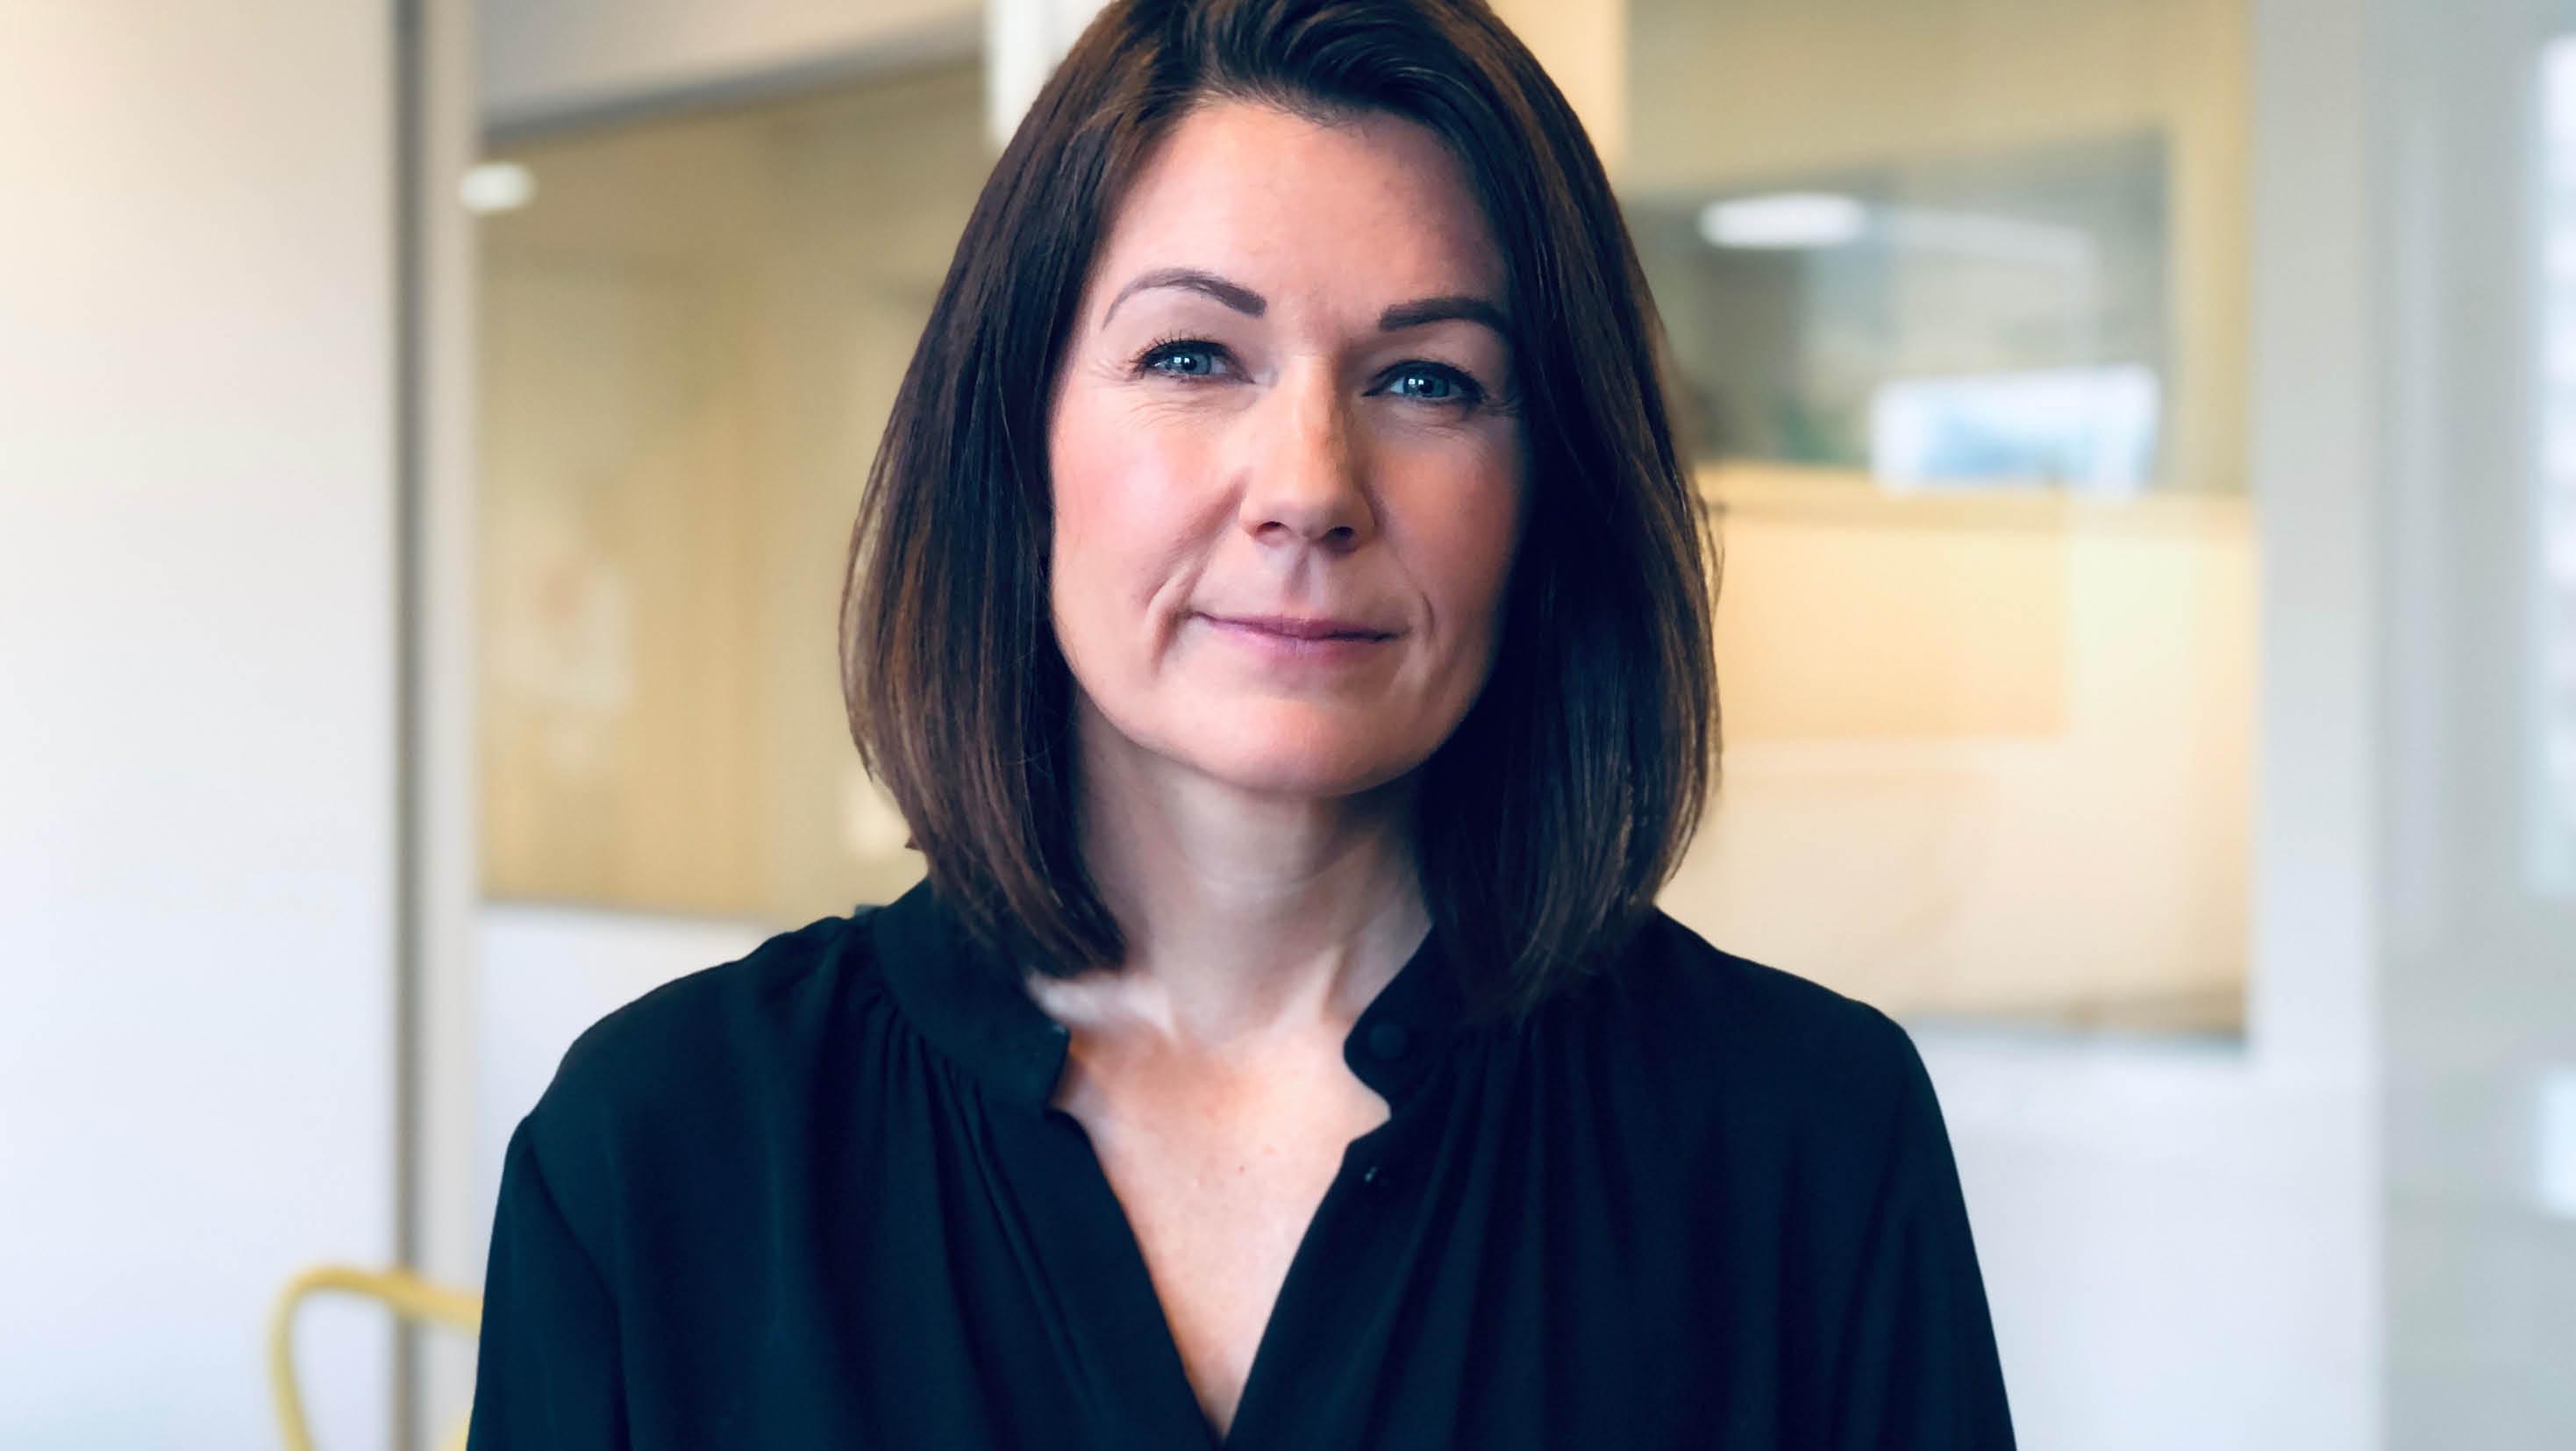 Client Story: Caroline Forssblad